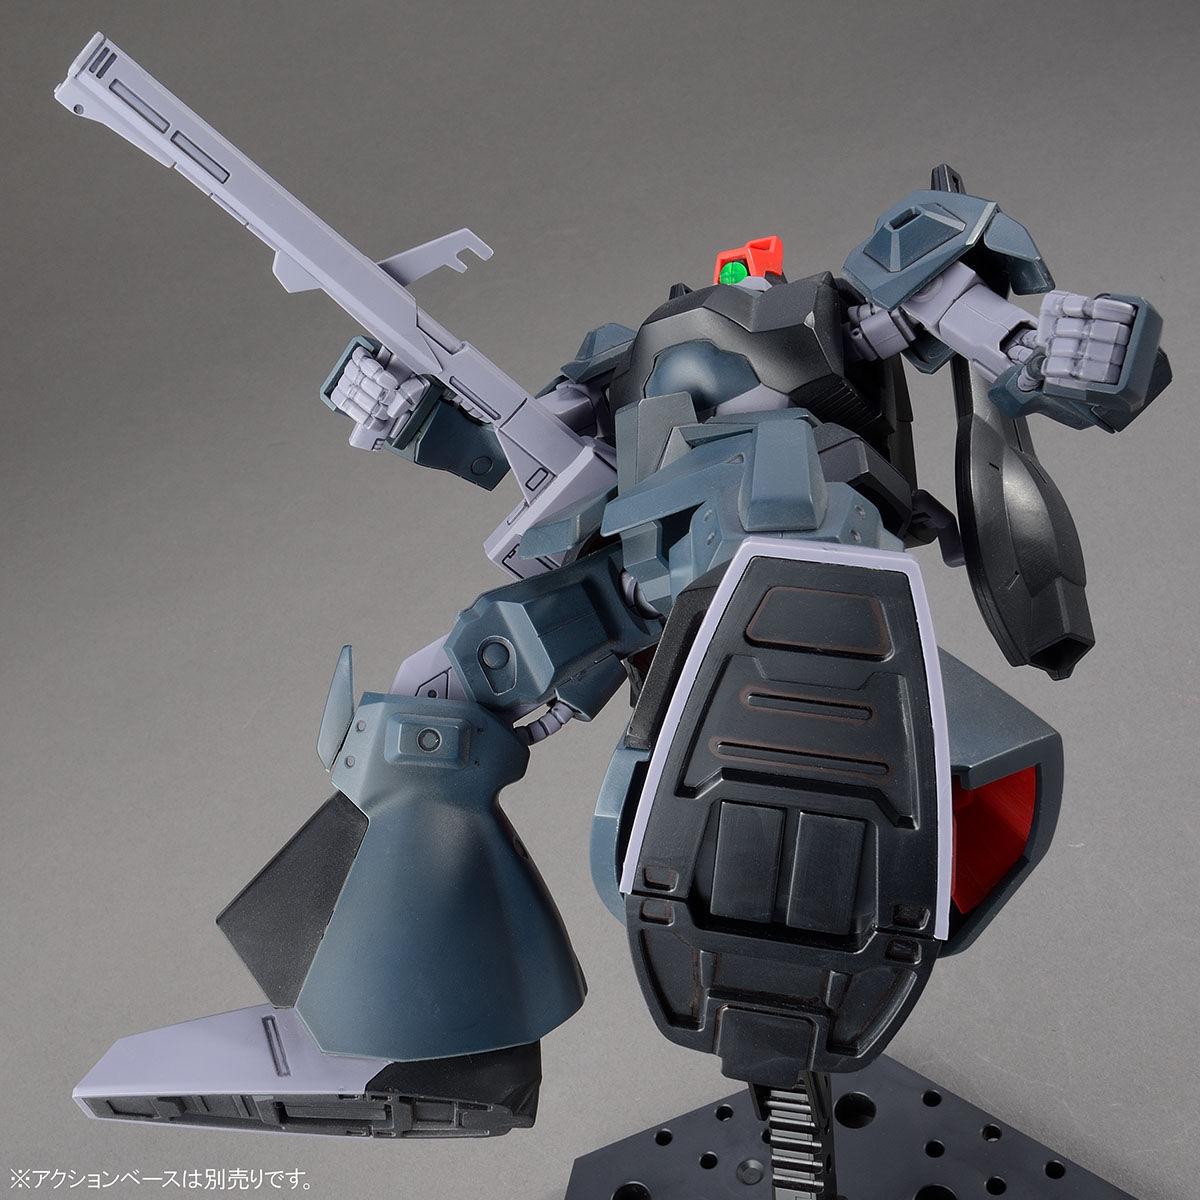 【限定販売】HG 1/144『リック・ディアス』機動戦士Zガンダム プラモデル-005